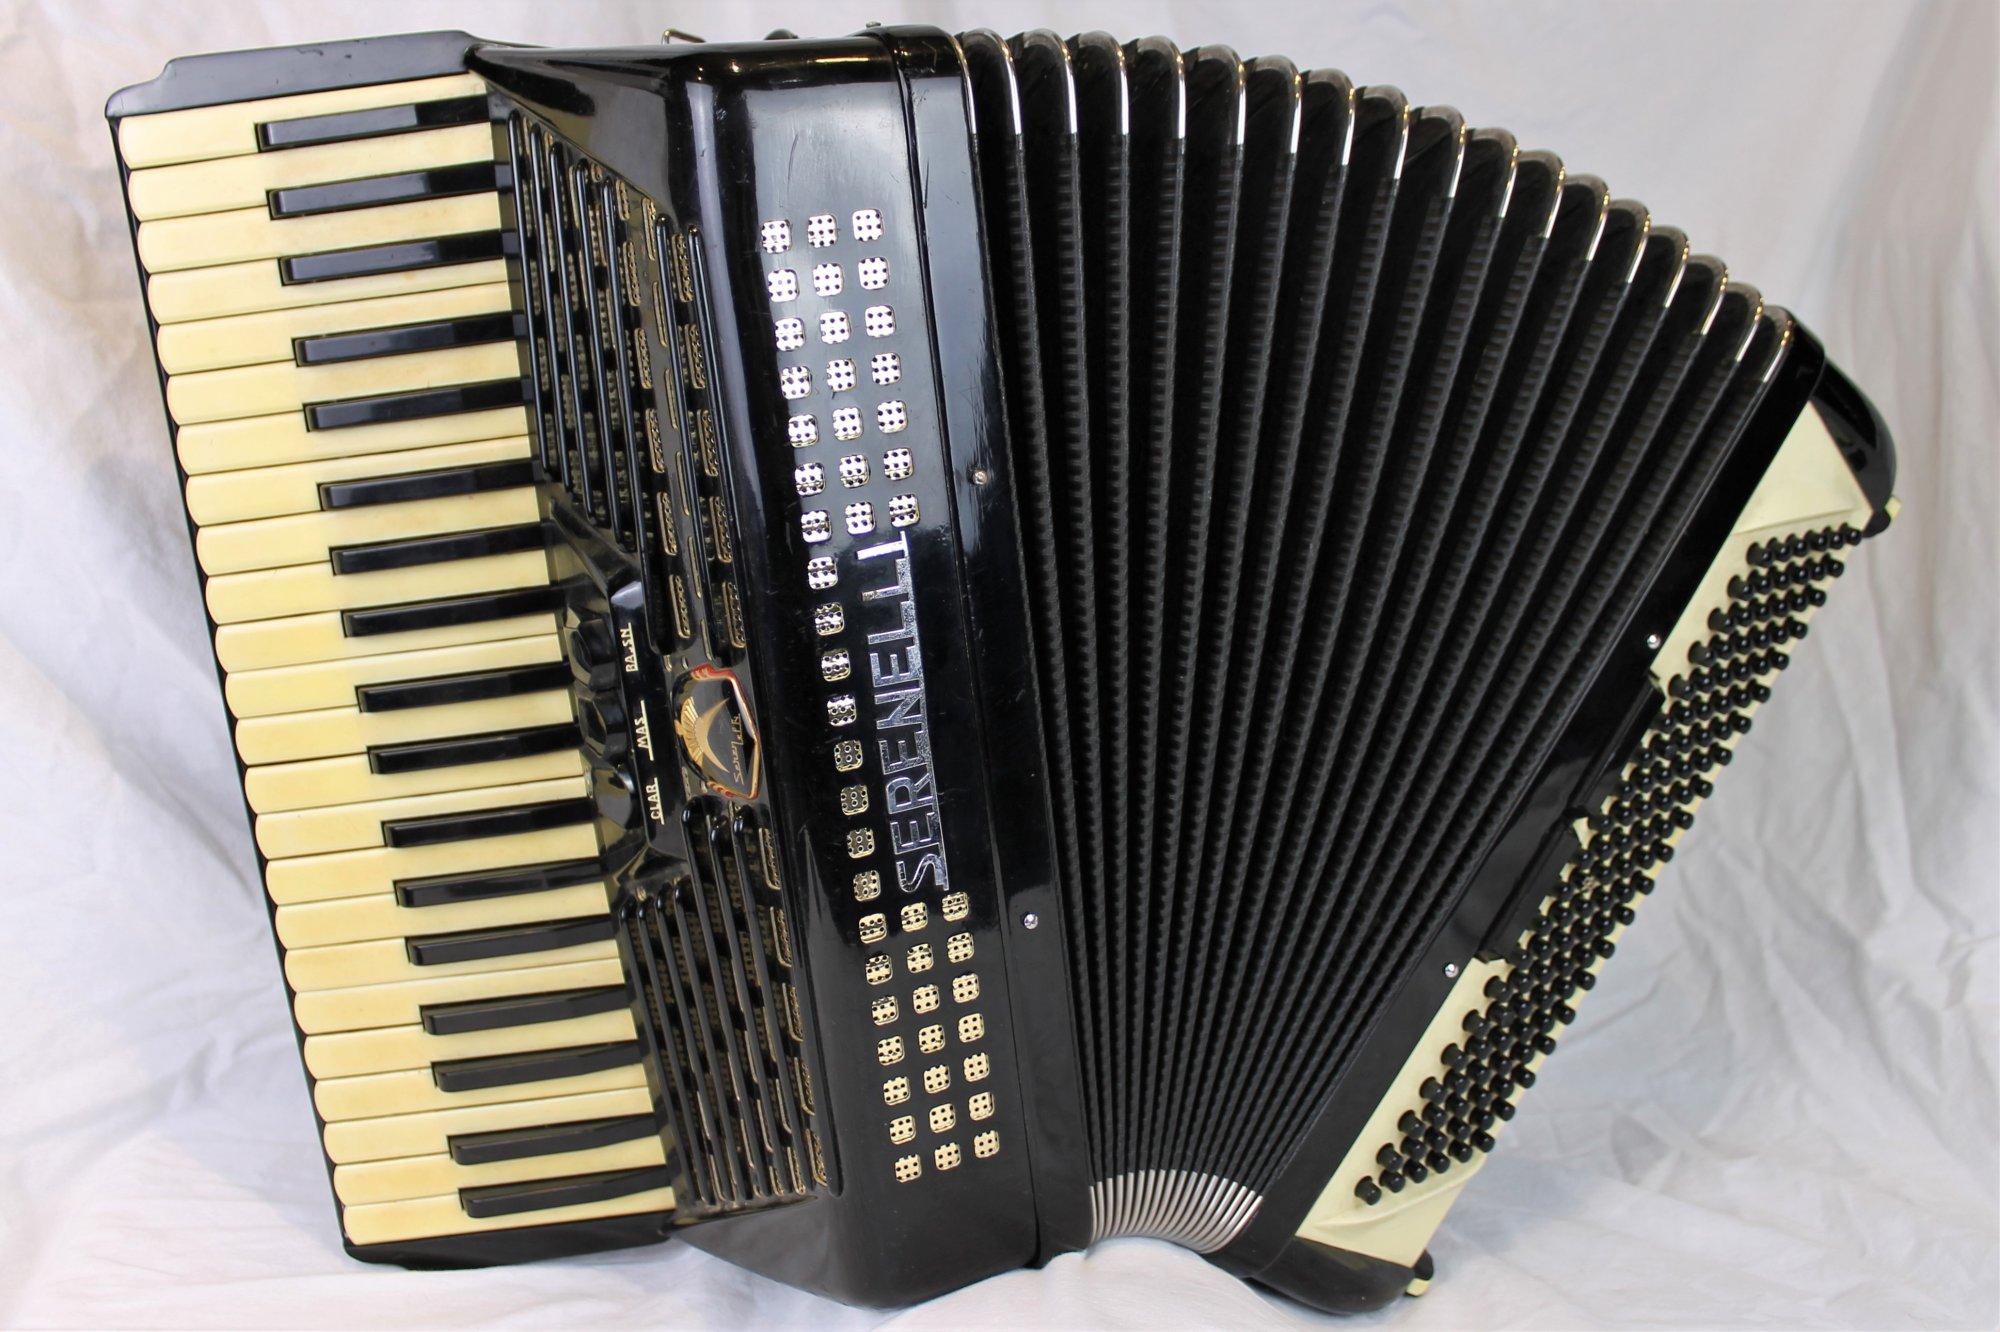 4397 - Black Gold Serenelli 74 Piano Accordion LM 41 120